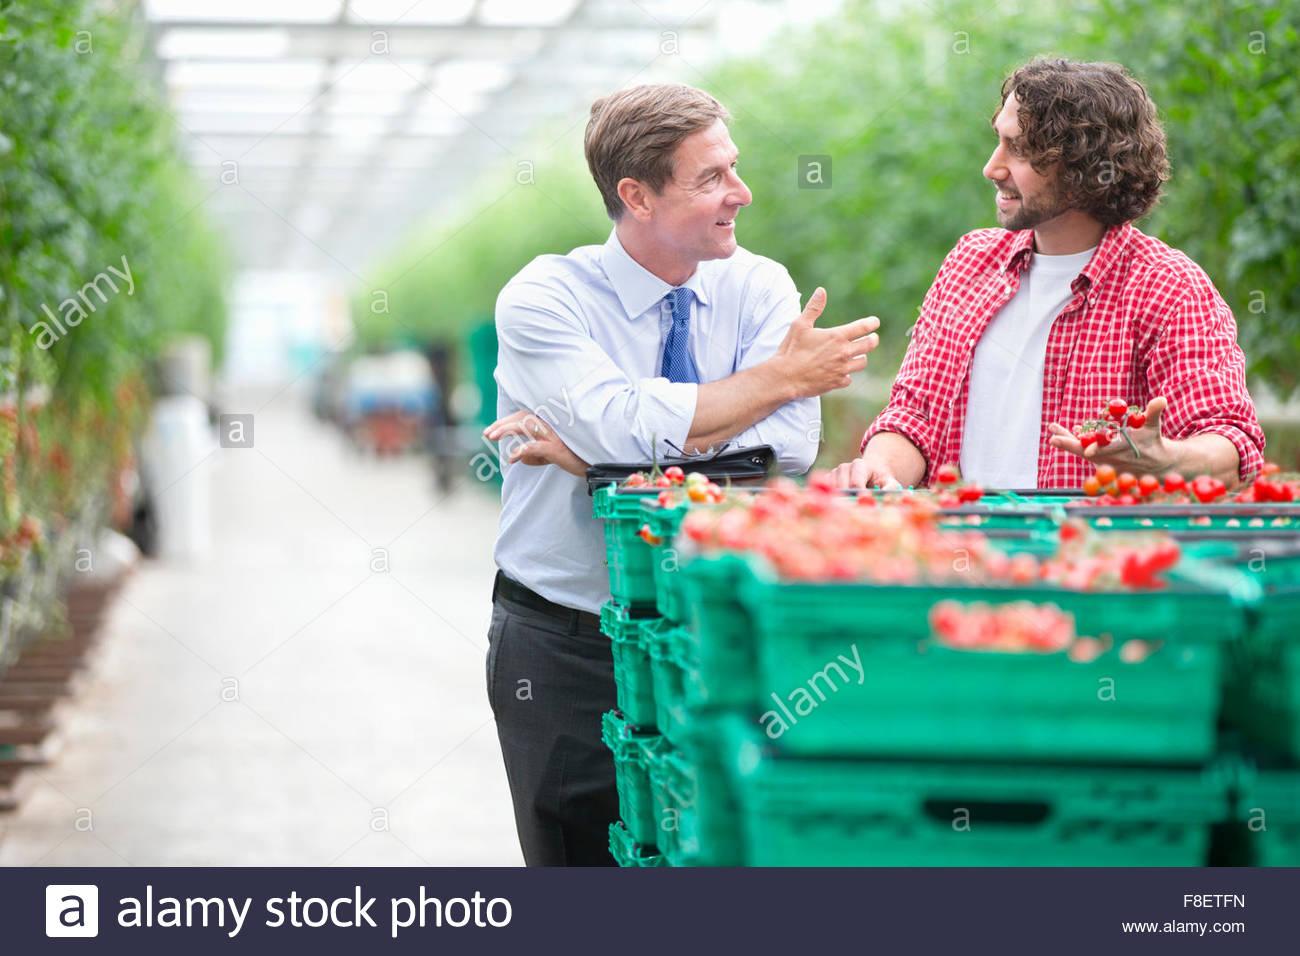 Geschäftsmann und Züchter diskutieren reife Tomaten in Kisten im Gewächshaus Stockbild